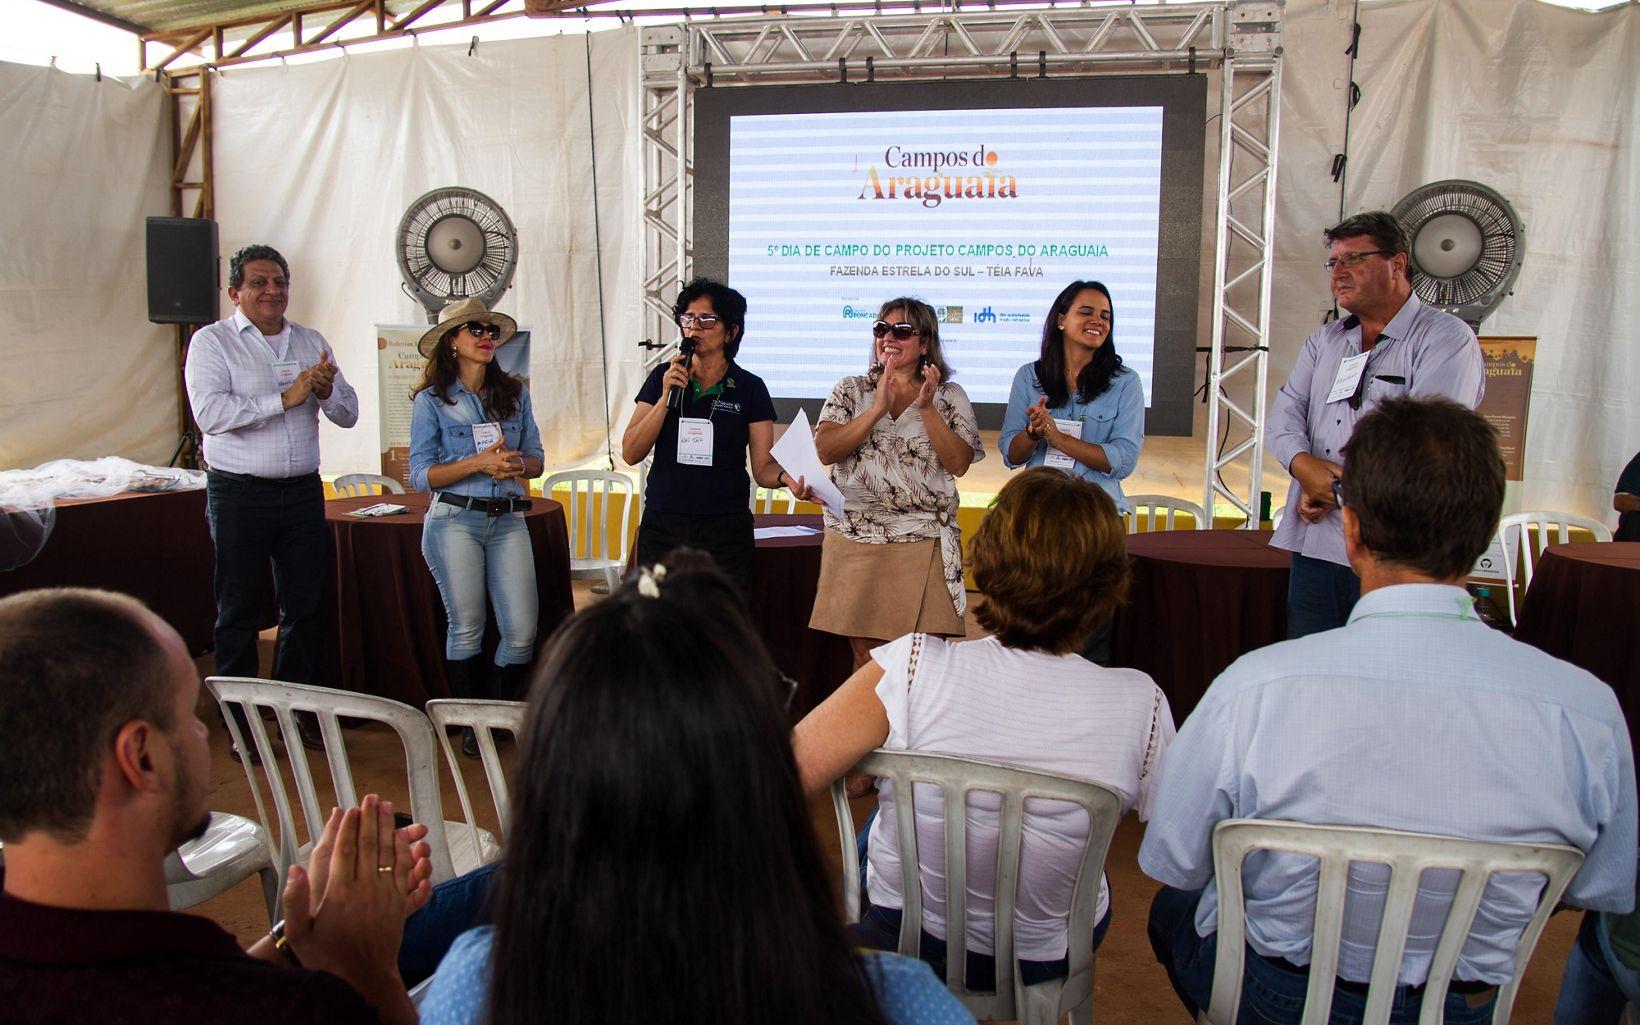 Francisco Fonseca, Raimunda de Mello e Julia Mangueira, da equipe de Agricultura da TNC Brasil, junto com parceiros do projeto Campos do Araguaia, em evento no Mato Grosso.